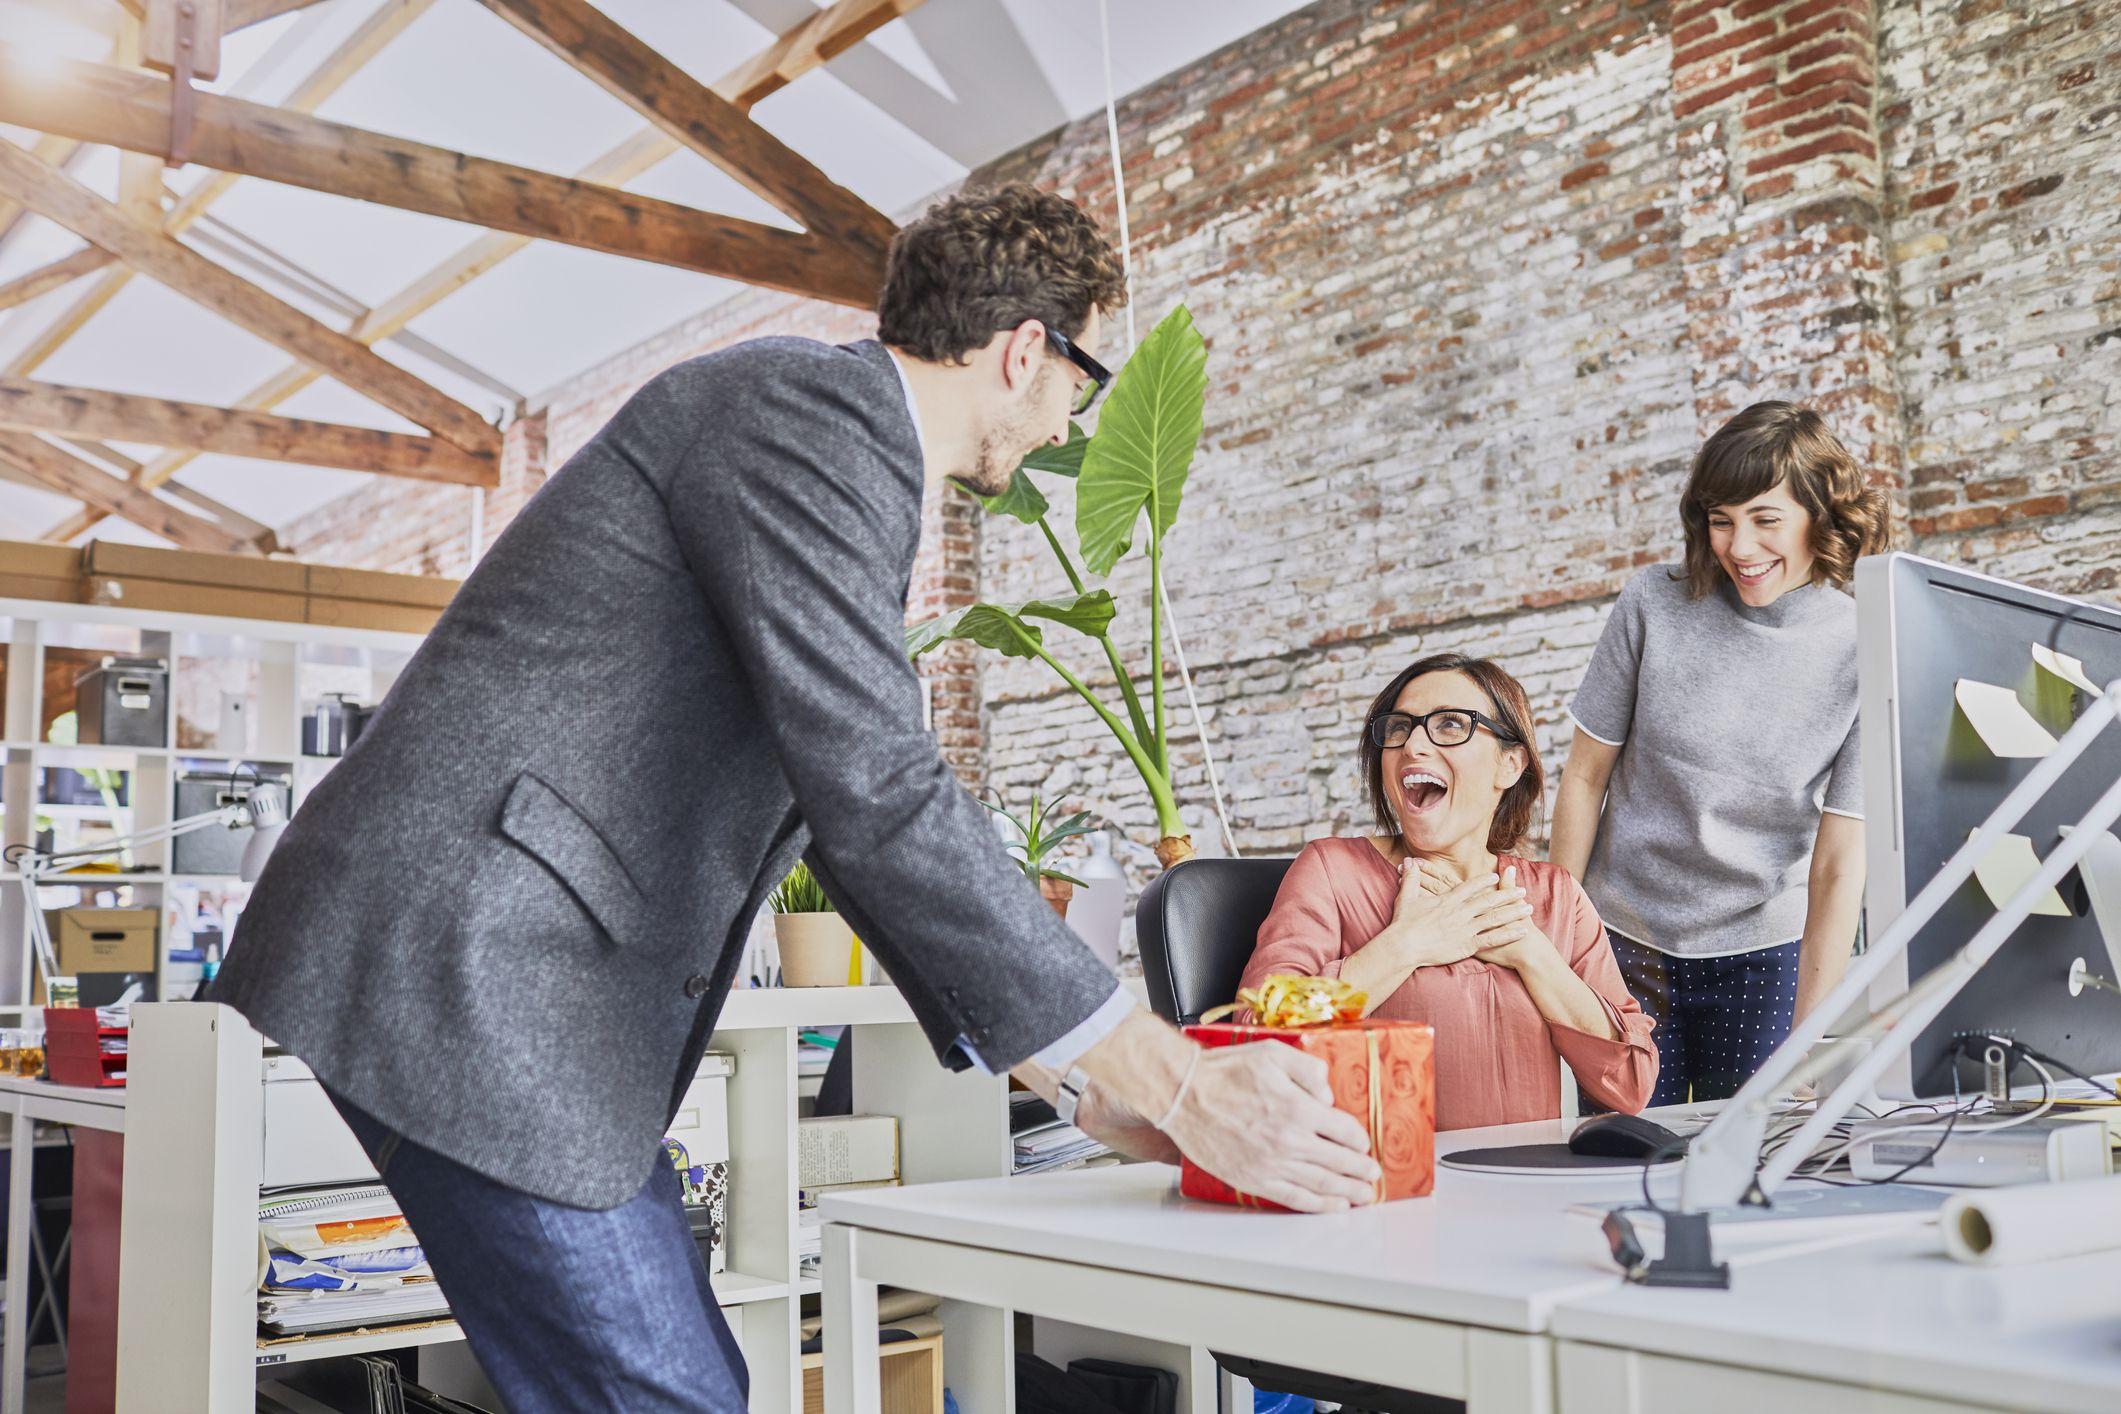 Đừng quên chuẩn bị những lời chúc giáng sinh khách hàng, đối tác thật ý nghĩa nhé